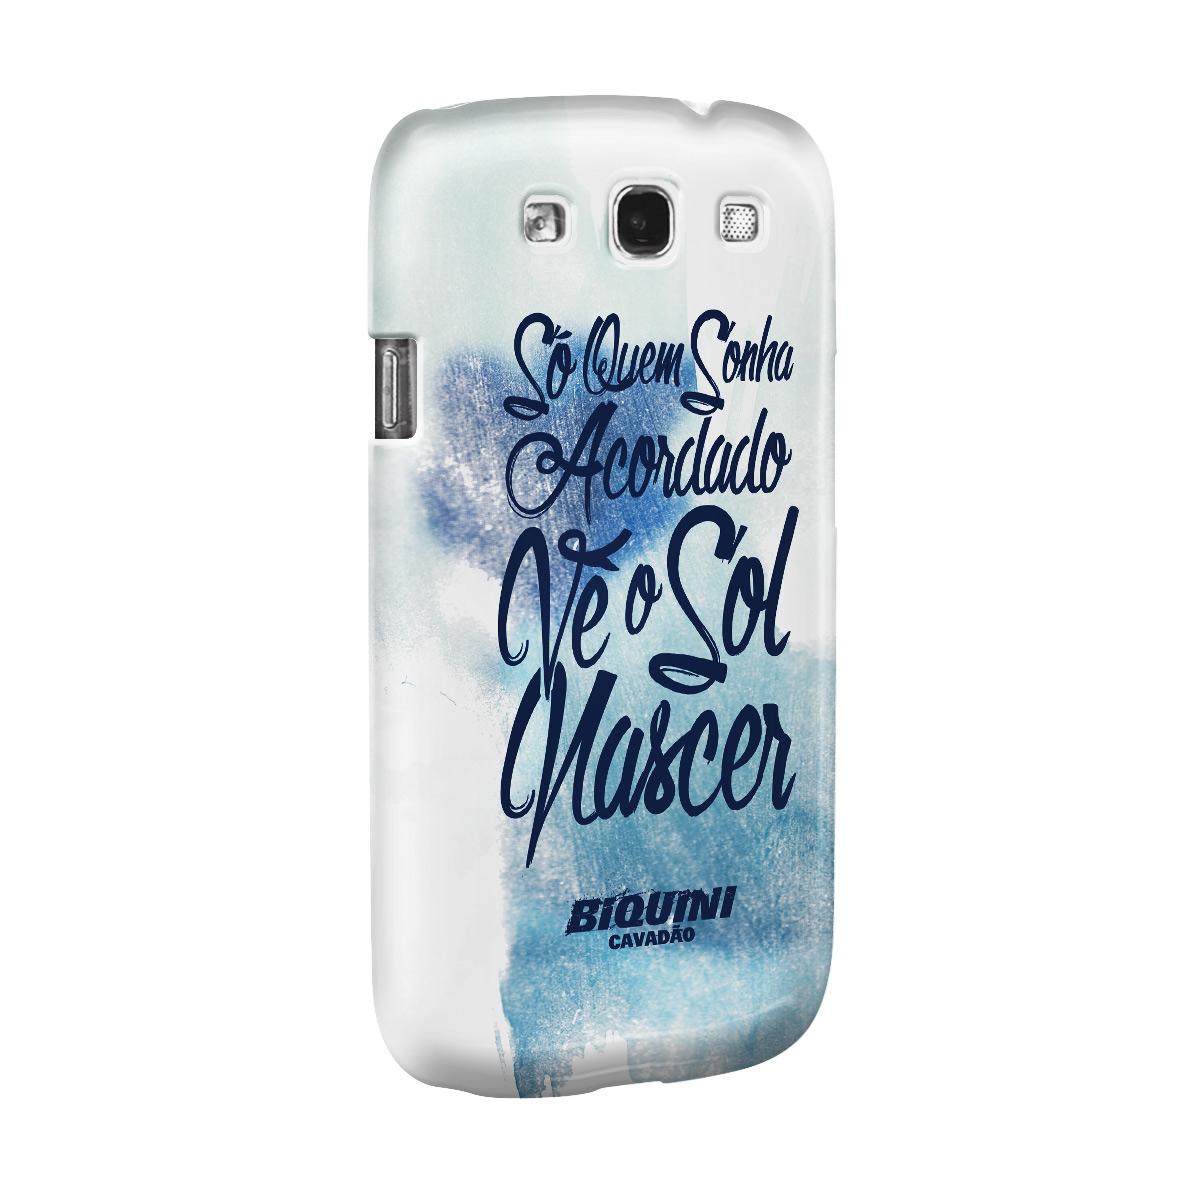 Capa para Samsung Galaxy S3 Biquini Cavadão Só Quem Sonha Acordado